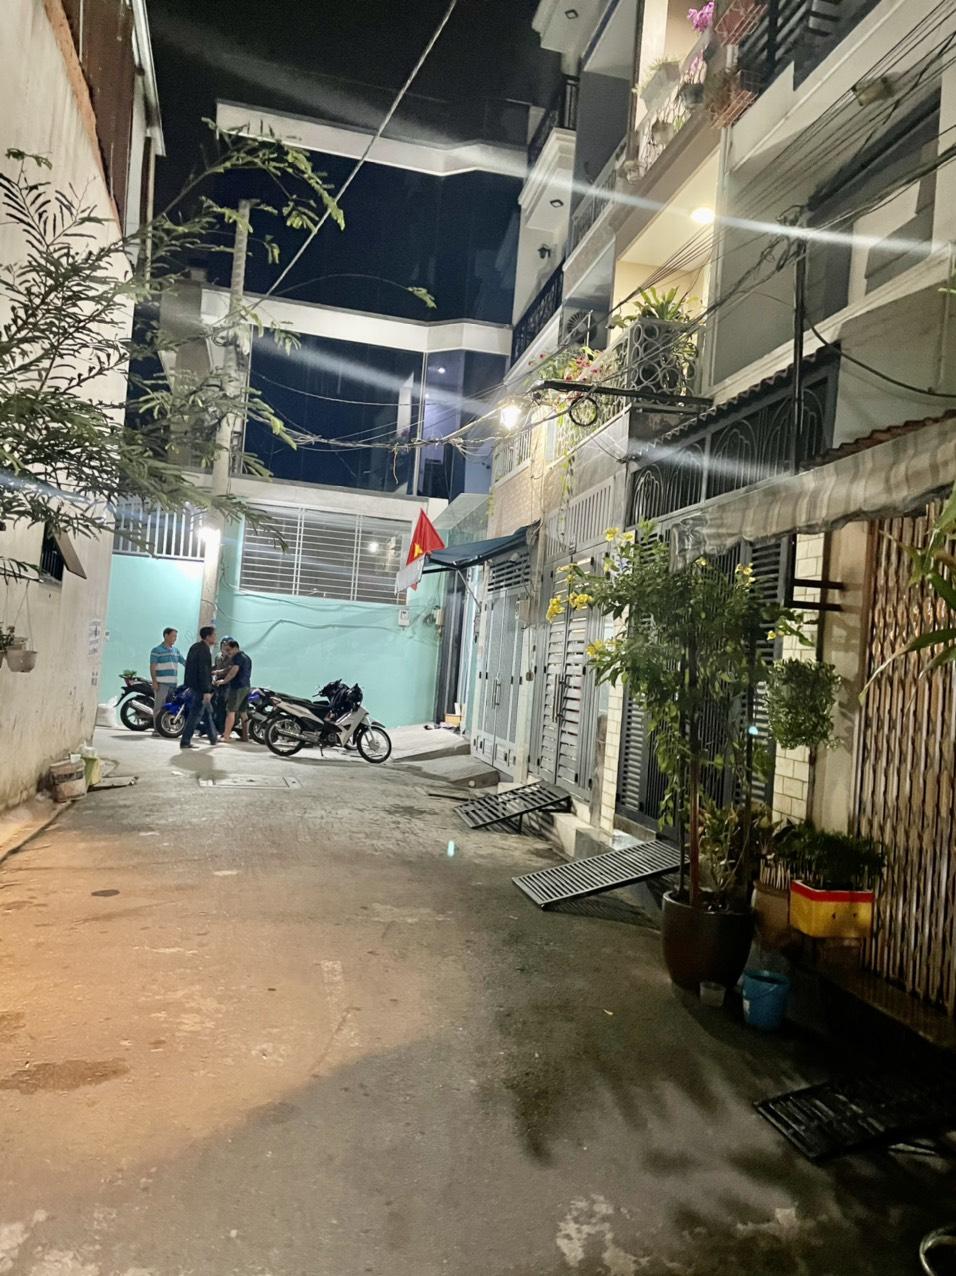 Bán nhà quận Bình Tân dưới 3 tỷ, Mặt tiền đường số 6 Bình Hưng Hòa A